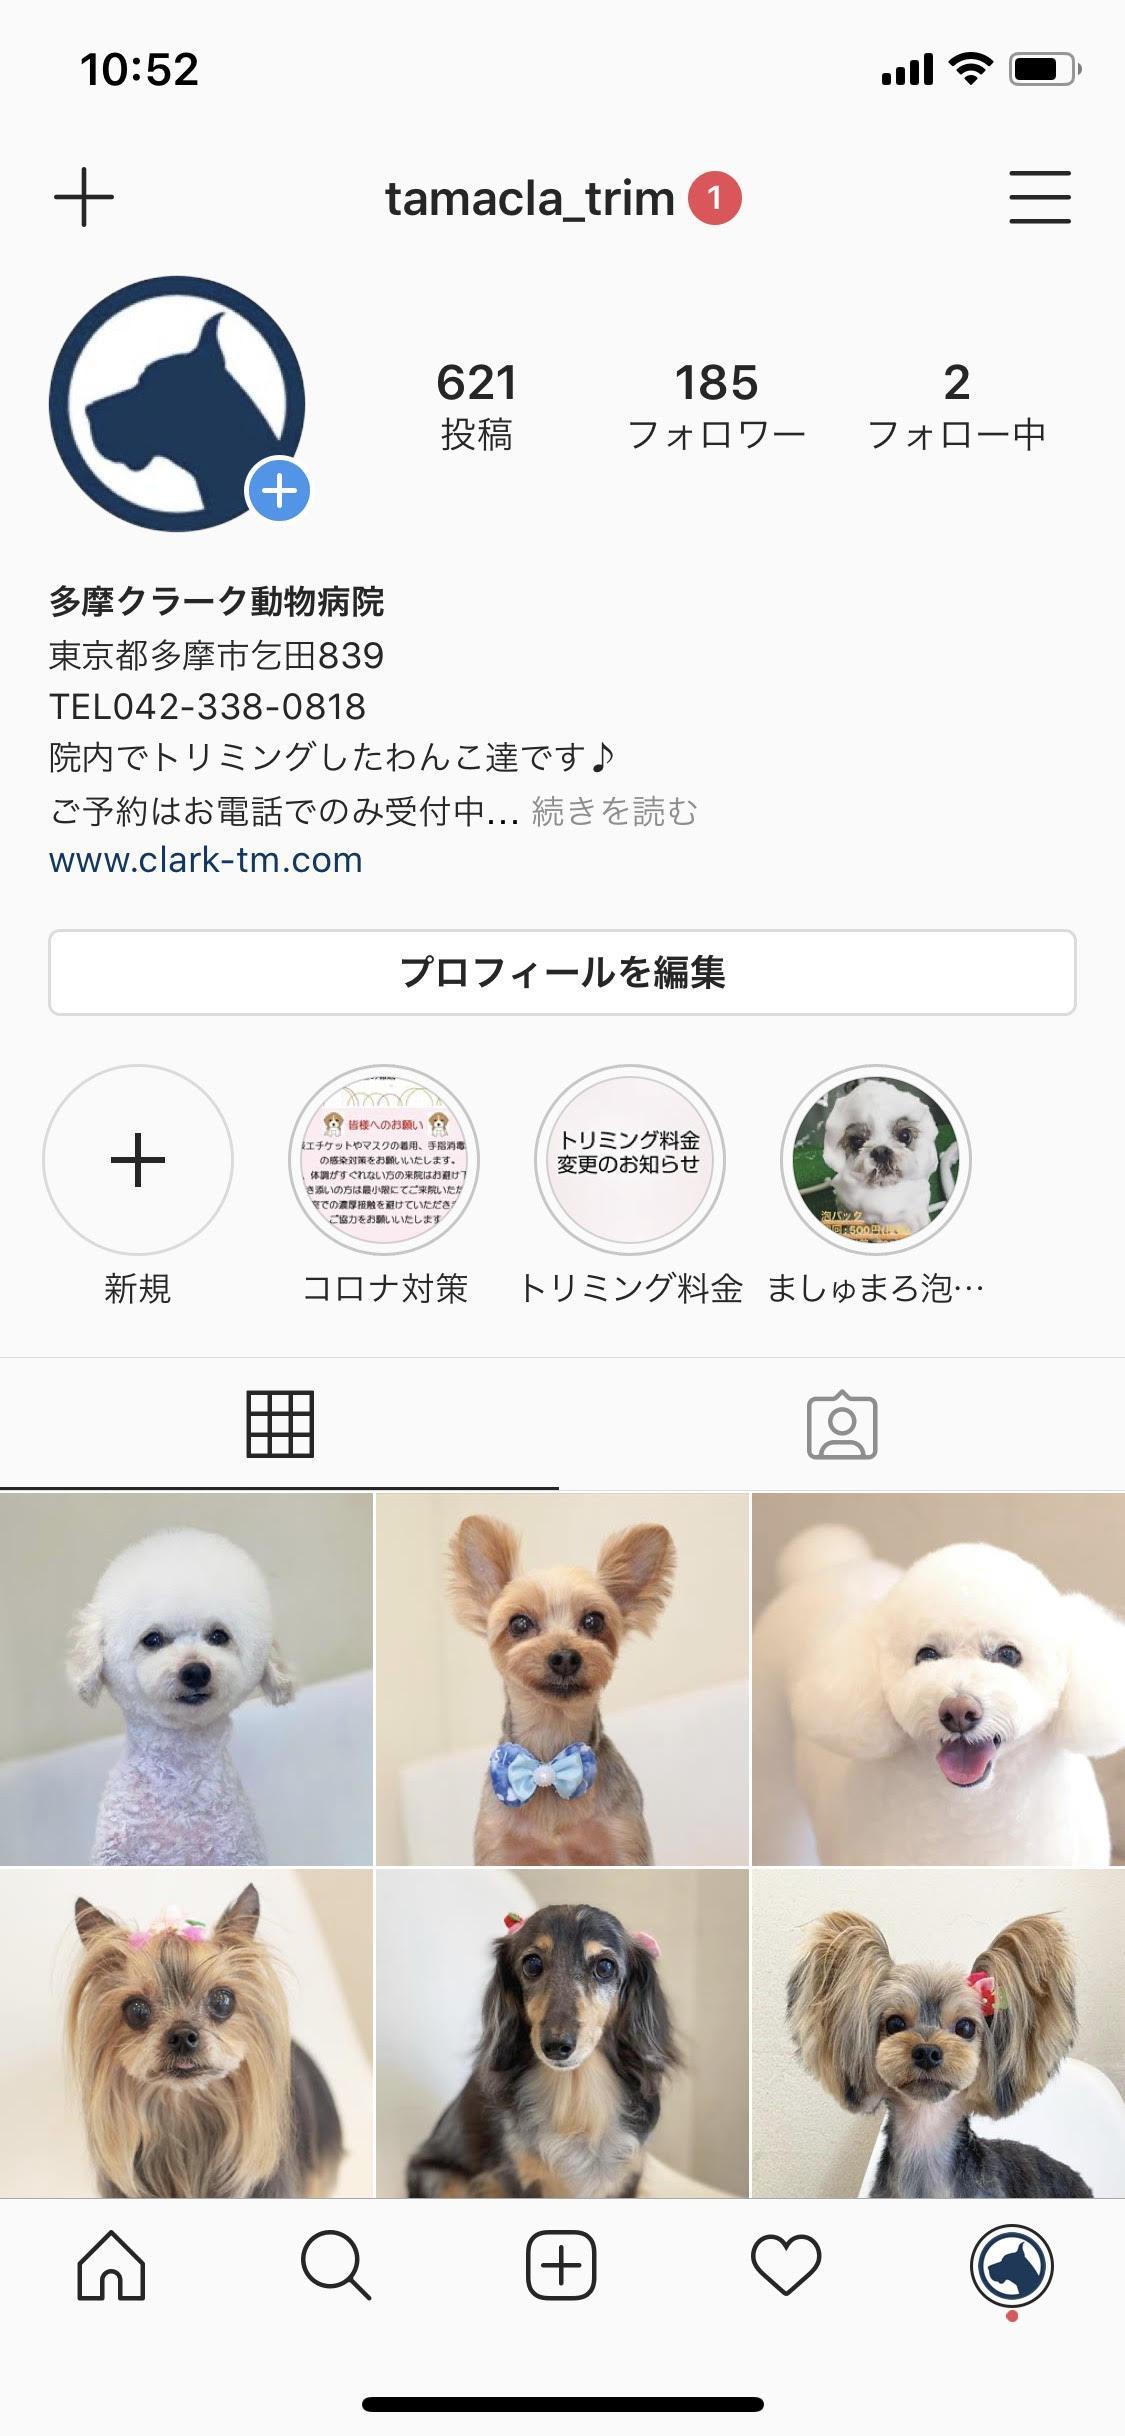 インスタ→@tamacla_trim